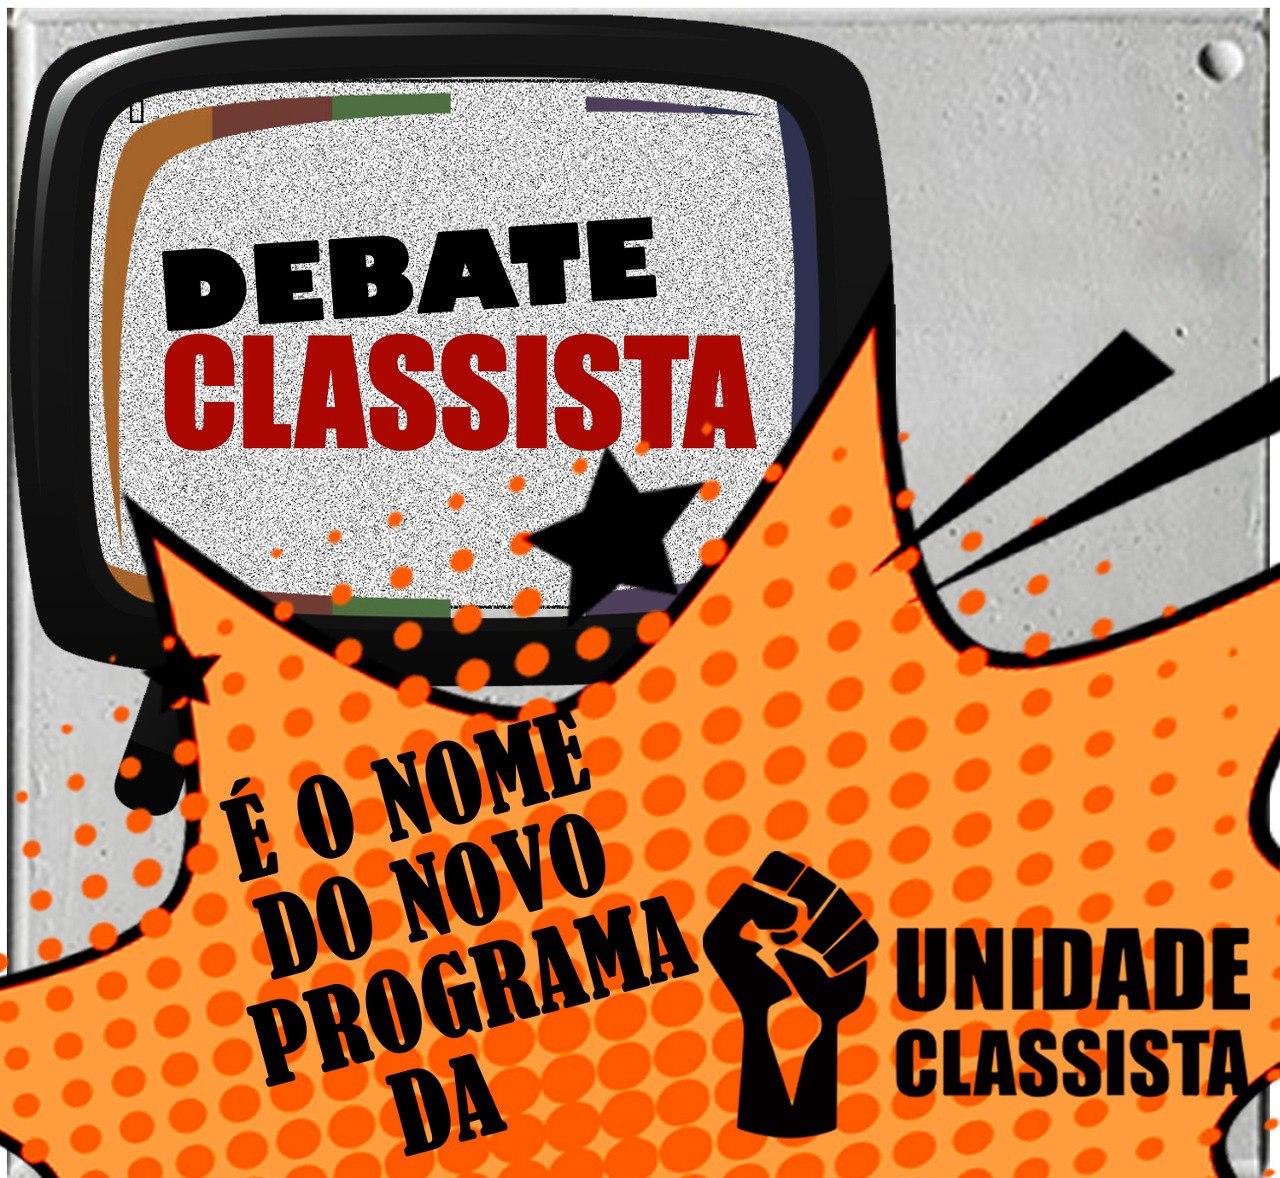 DEBATE CLASSISTA É O NOME DO NOVO PROGRAMA DA UNIDADE CLASSISTA